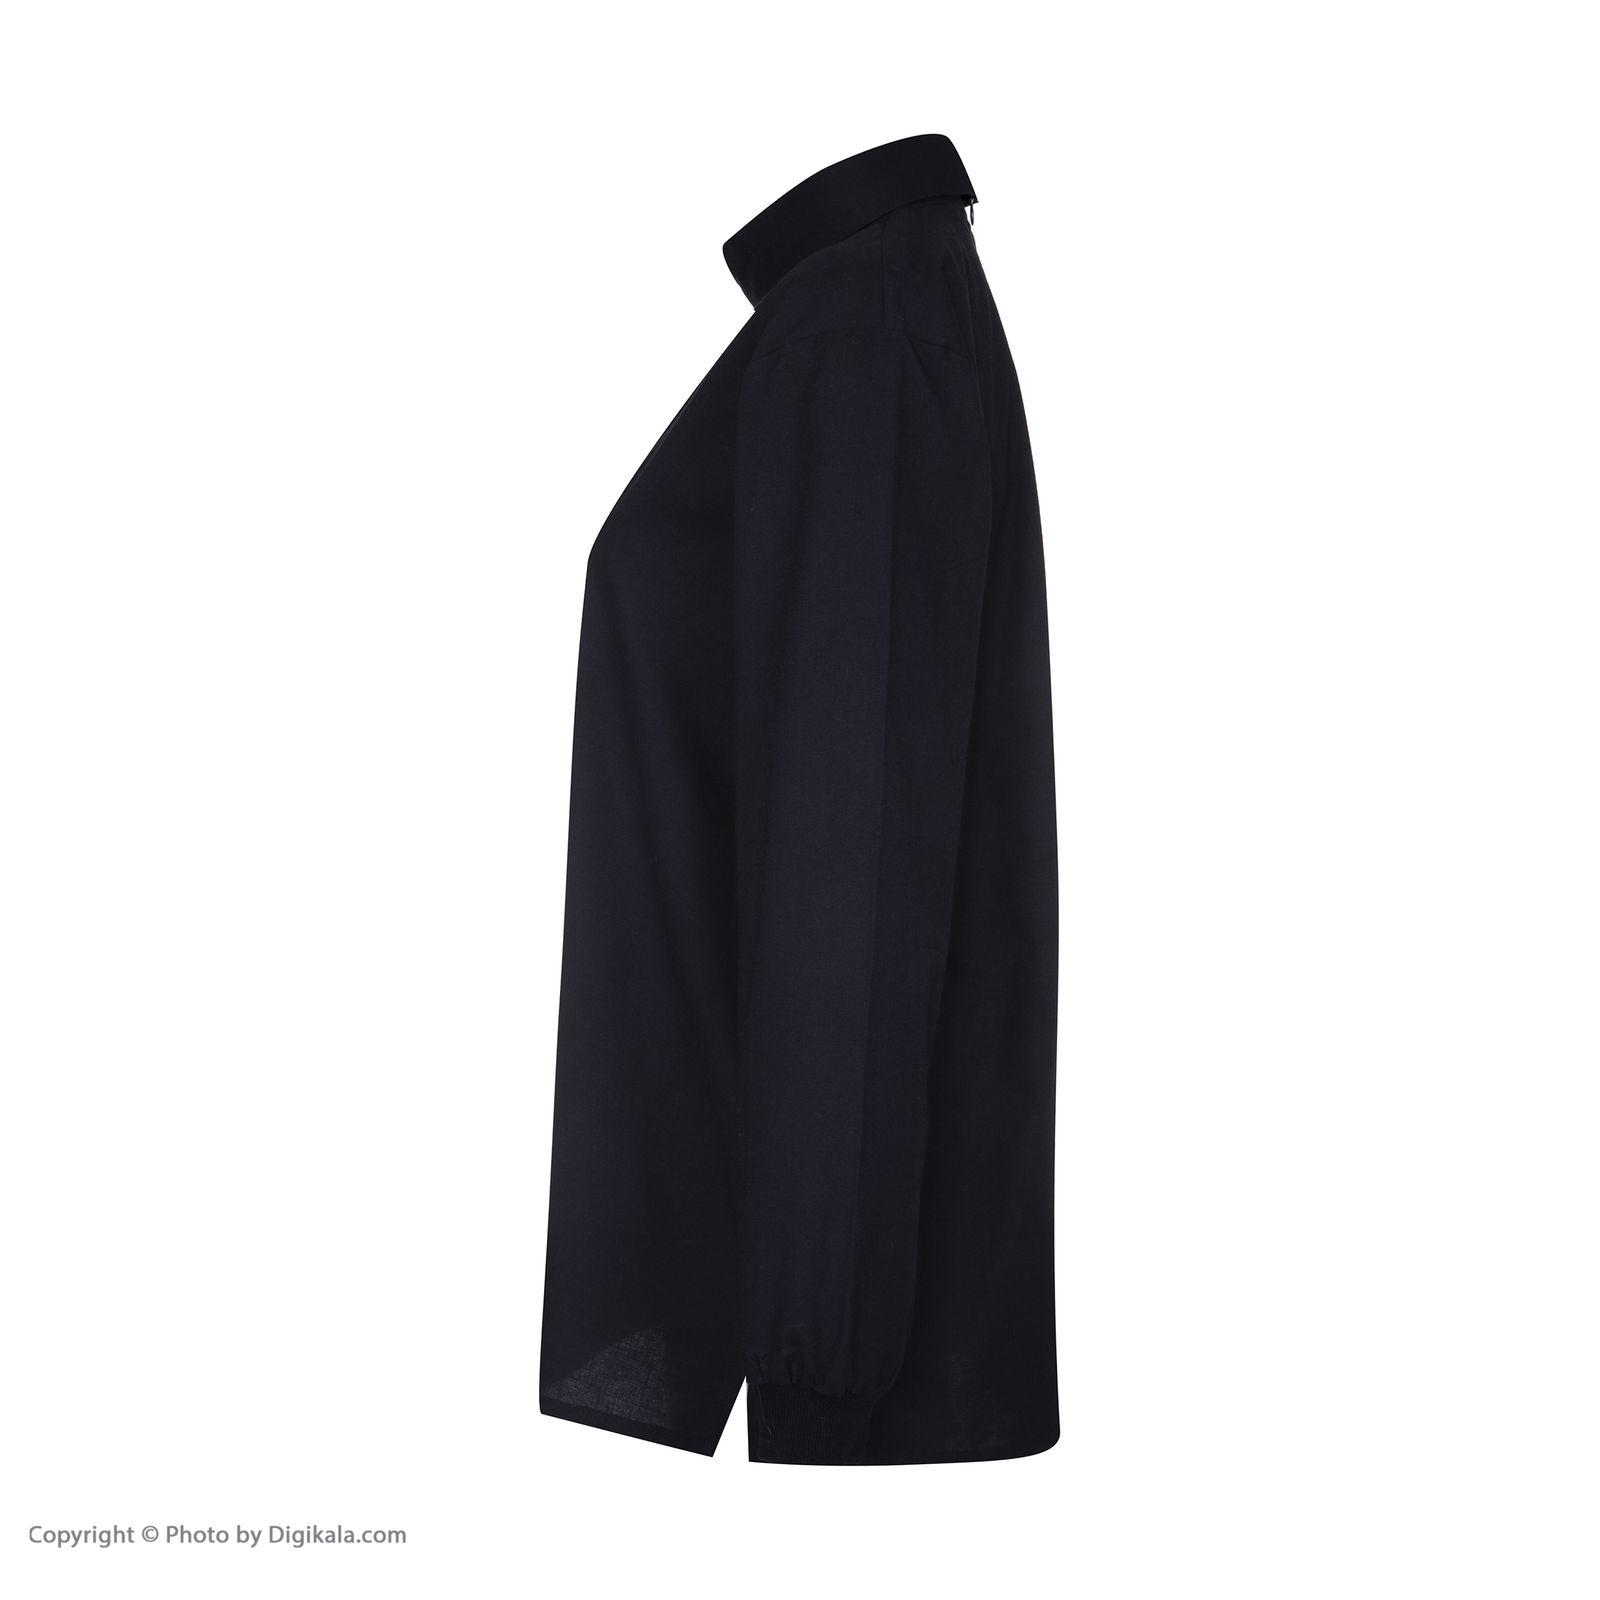 پیراهن آستین بلند مردانه هیتو استایل مدل D127F270 -  - 2